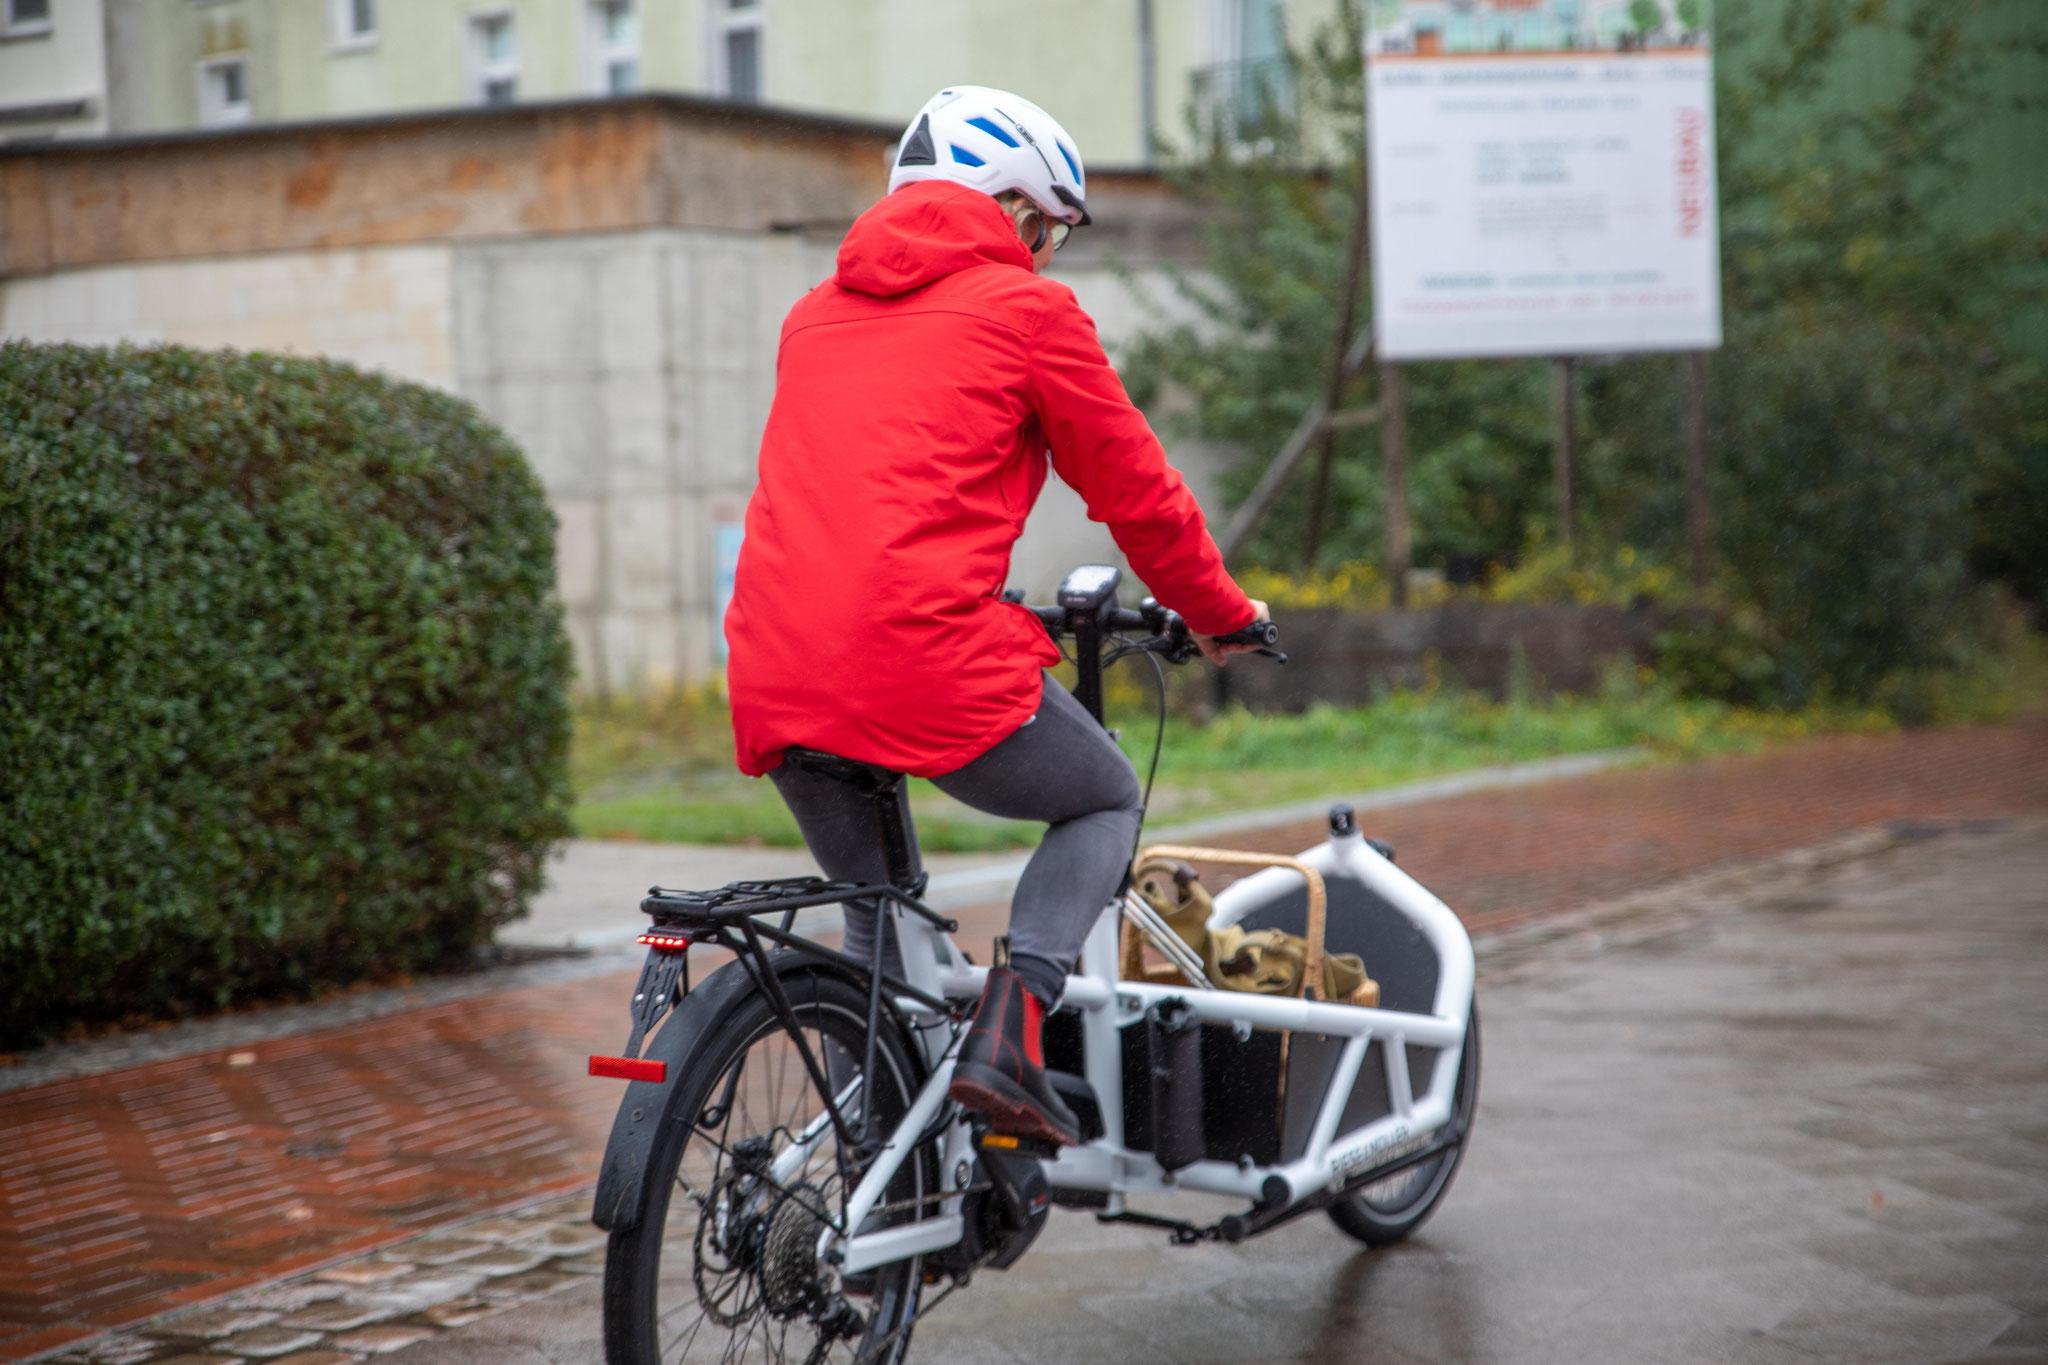 """""""Wir haben kein Auto mehr. Mit dem Lastenrad komme ich schnell von A nach B, bekomme alles transportiert und ein super Nebeneffekt ist, dass die Kinder nicht mehr fragen, ob man sie mit dem Auto irgendwo hin fahren kann."""" - Maike Larschow"""